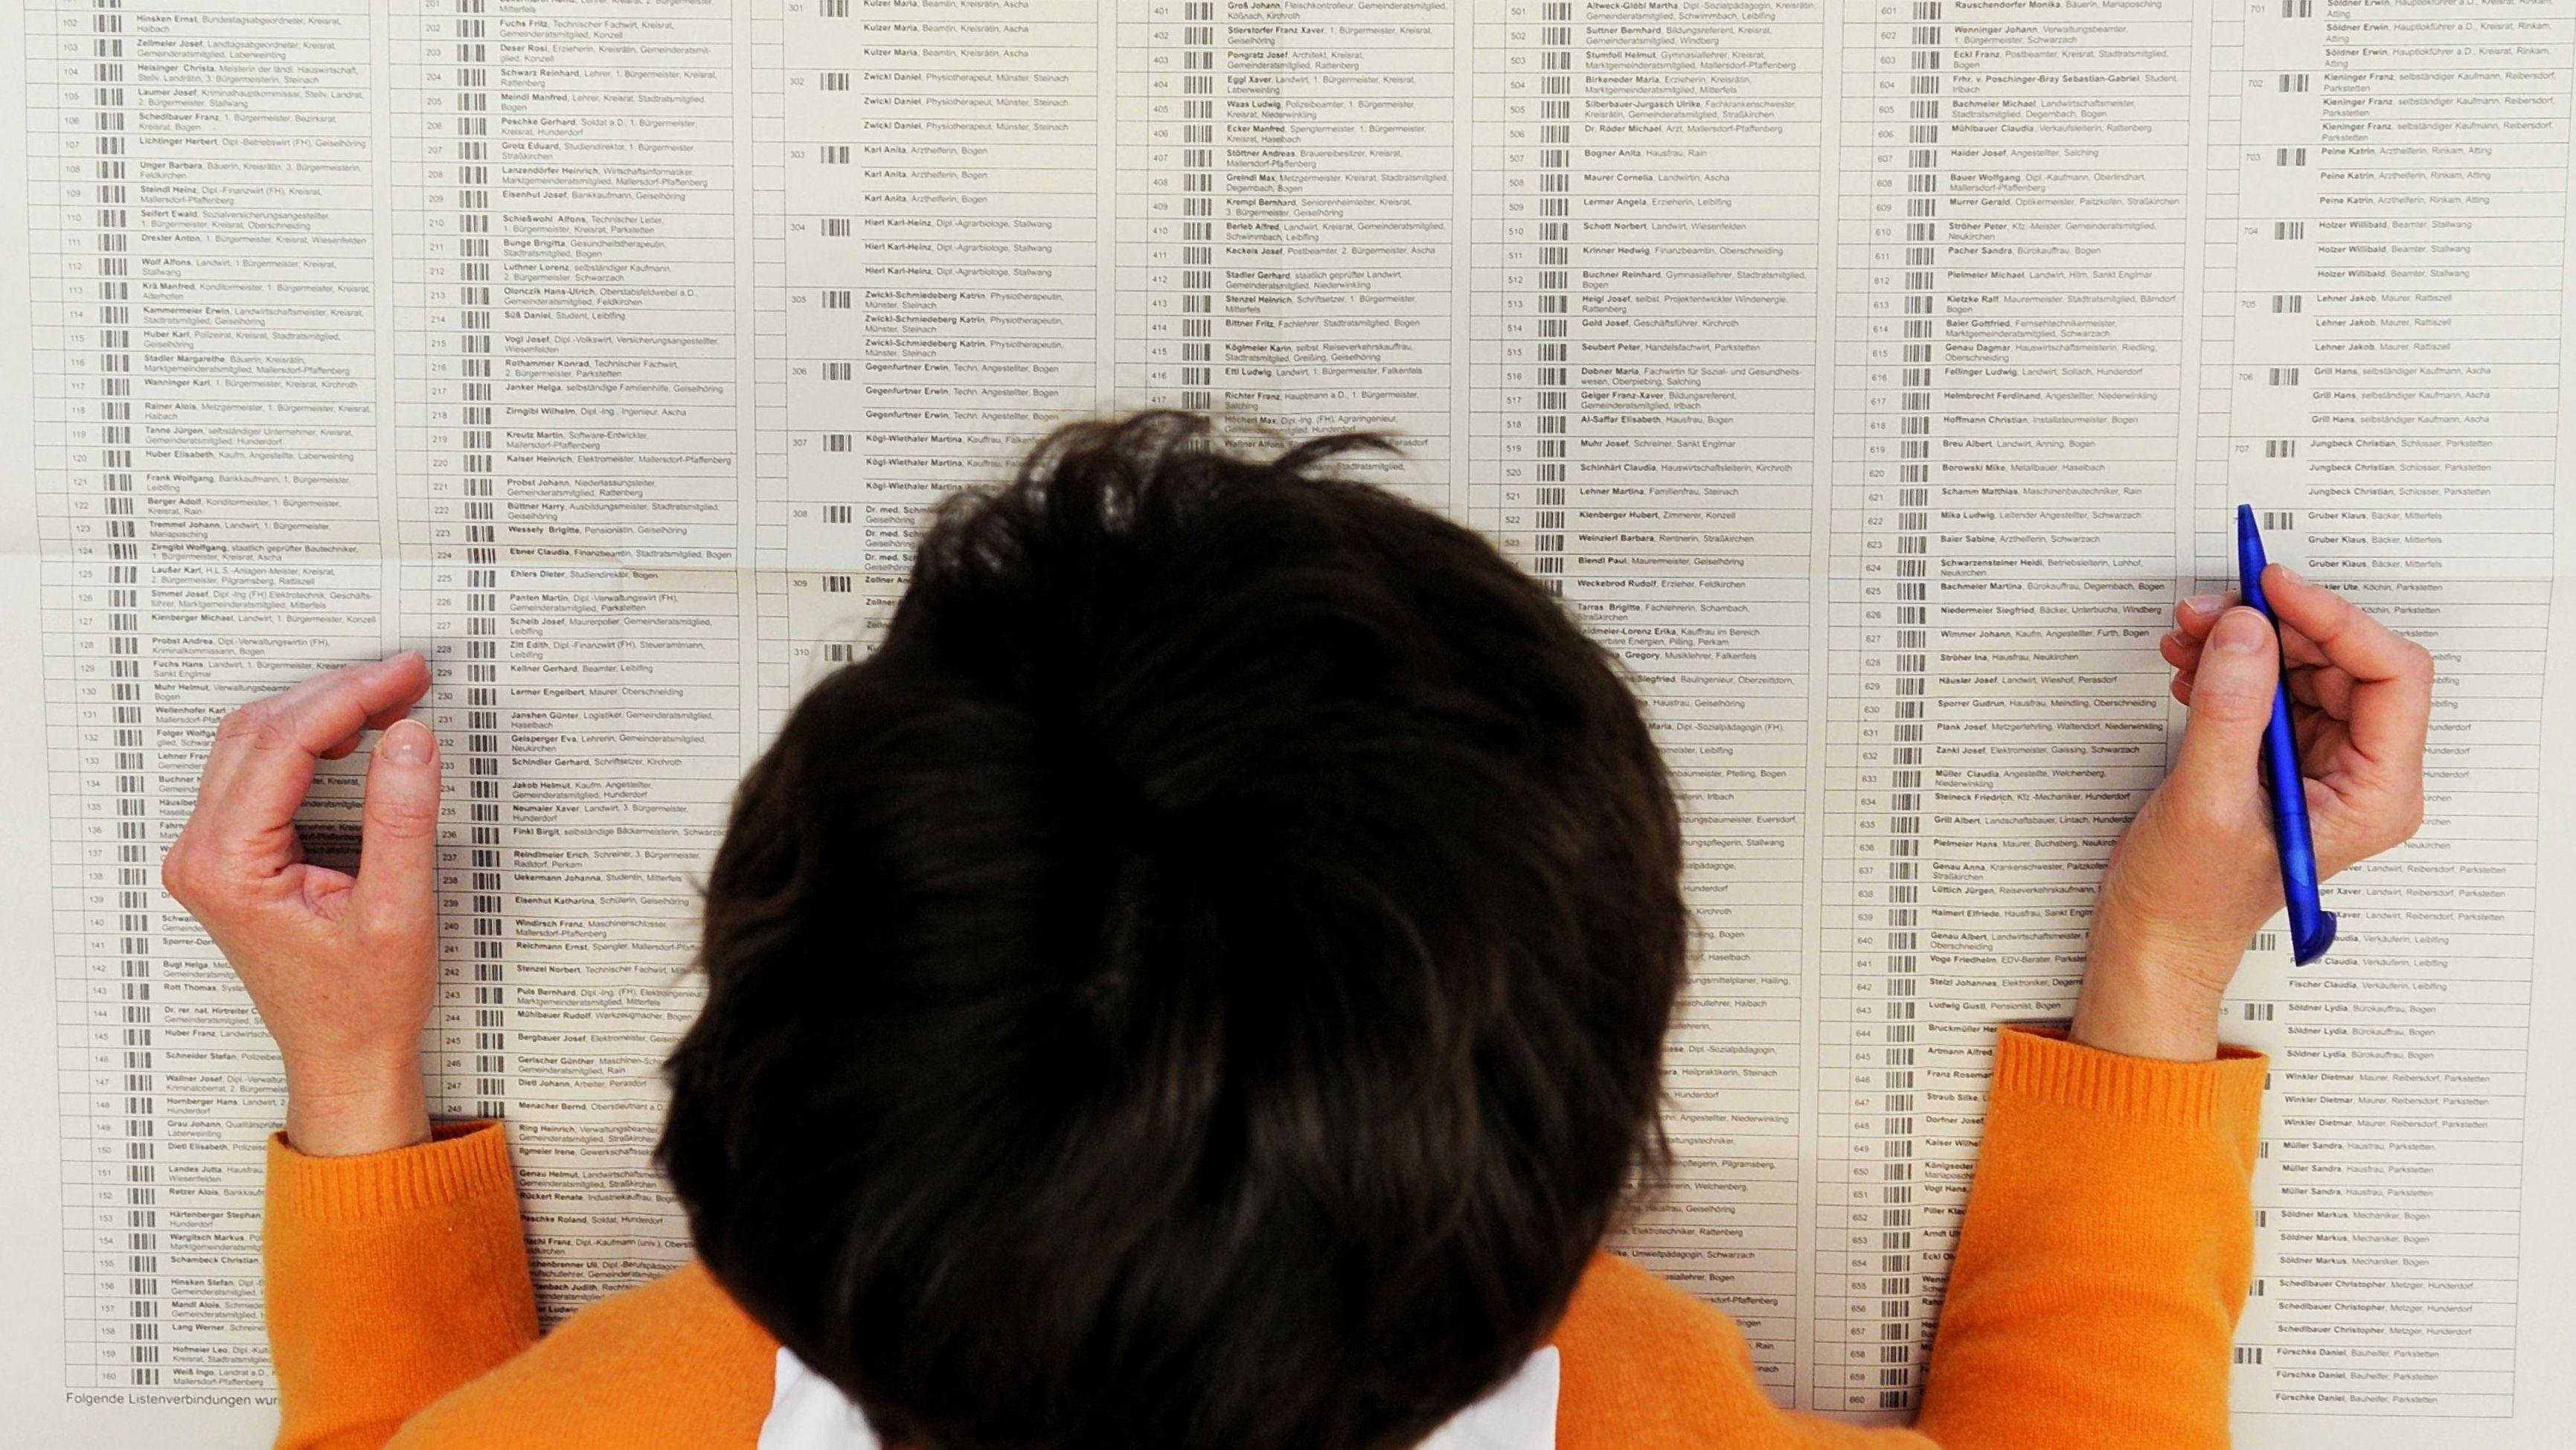 Frau vor Stimmzettel zur Wahl eines bayerischen Kreistags 2008.